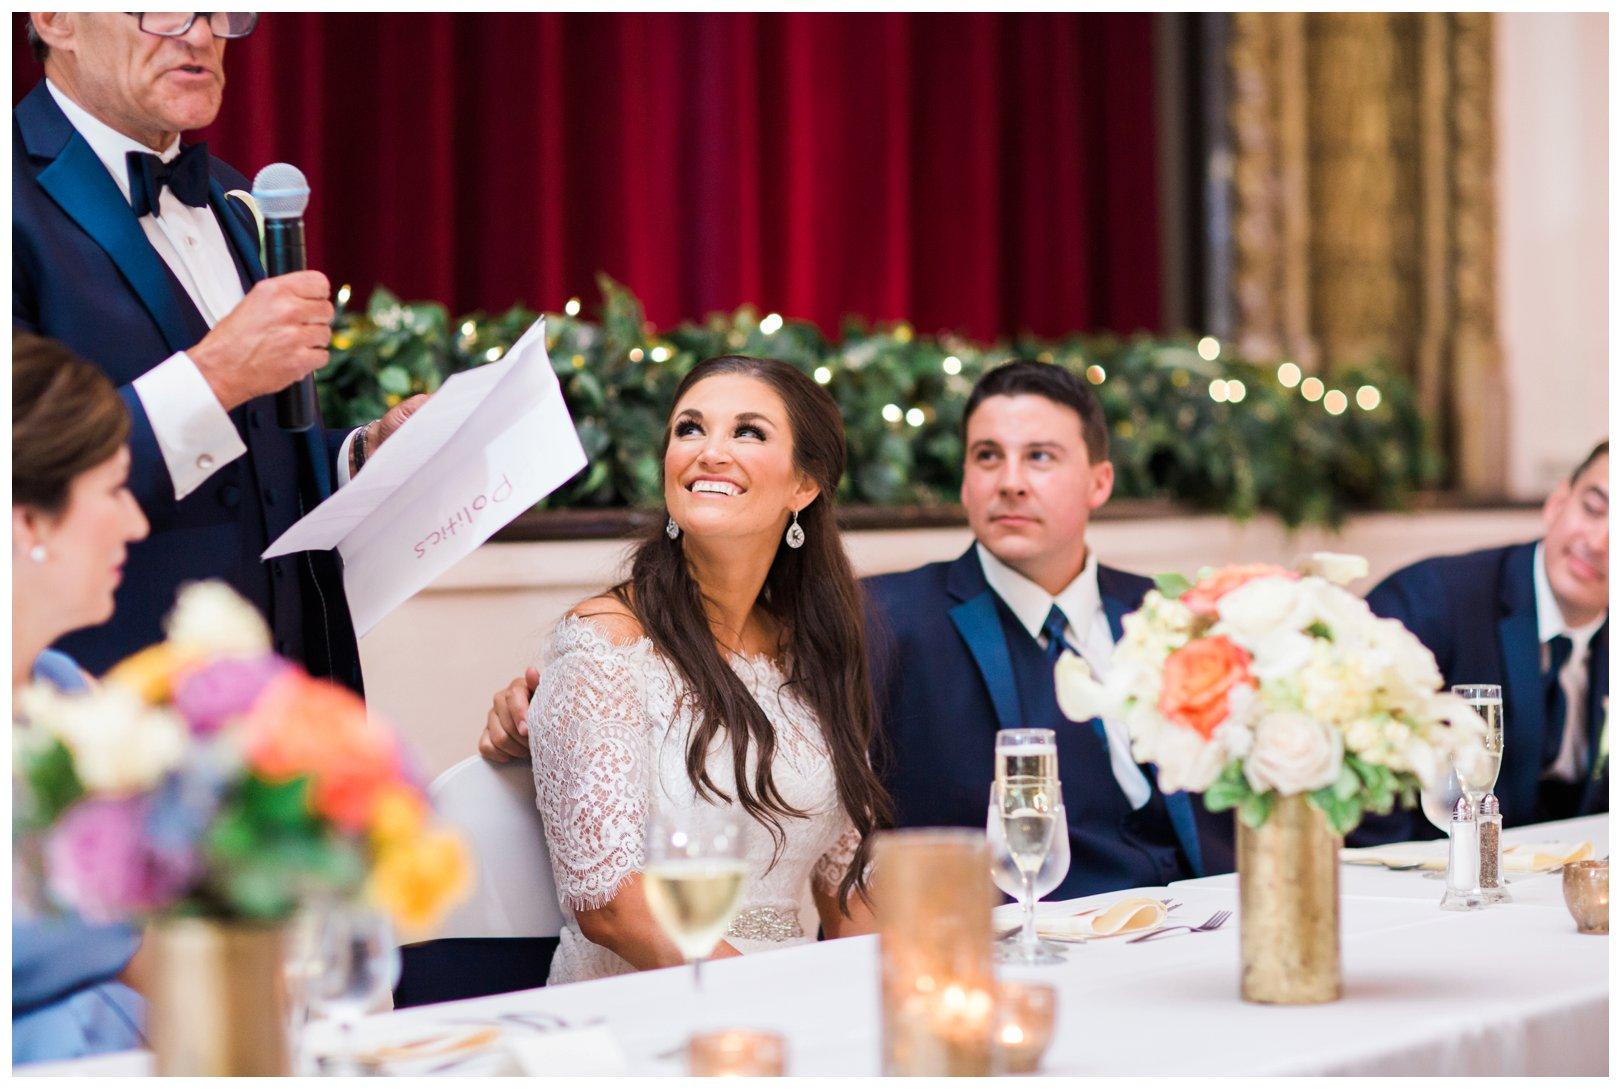 lauren muckler photography_fine art film wedding photography_st louis_photography_1277.jpg